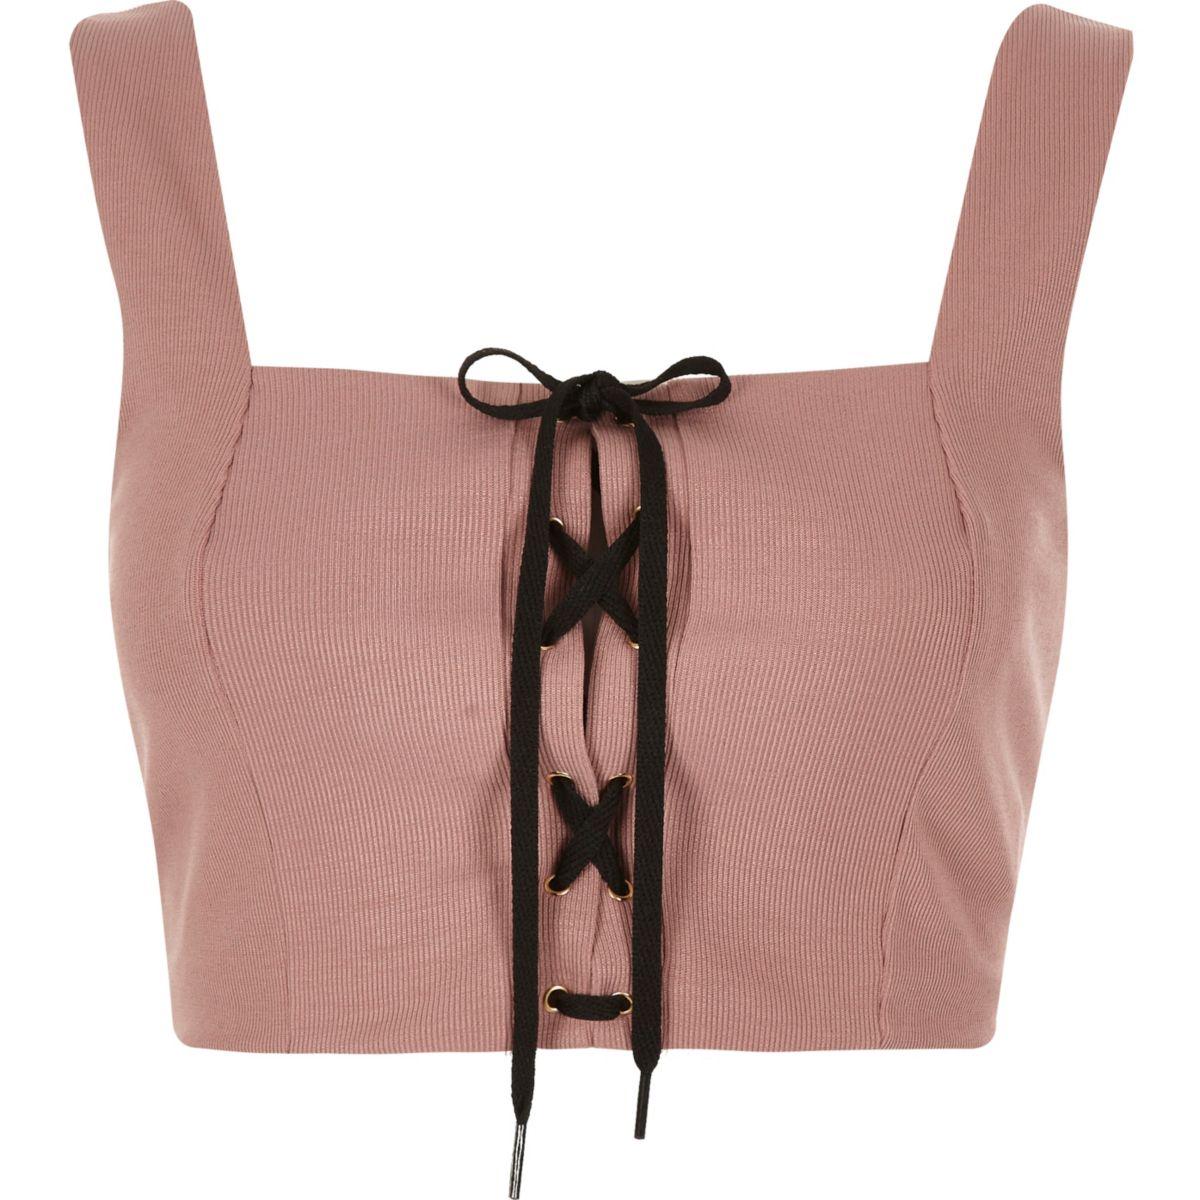 Nude structured corset tie crop top